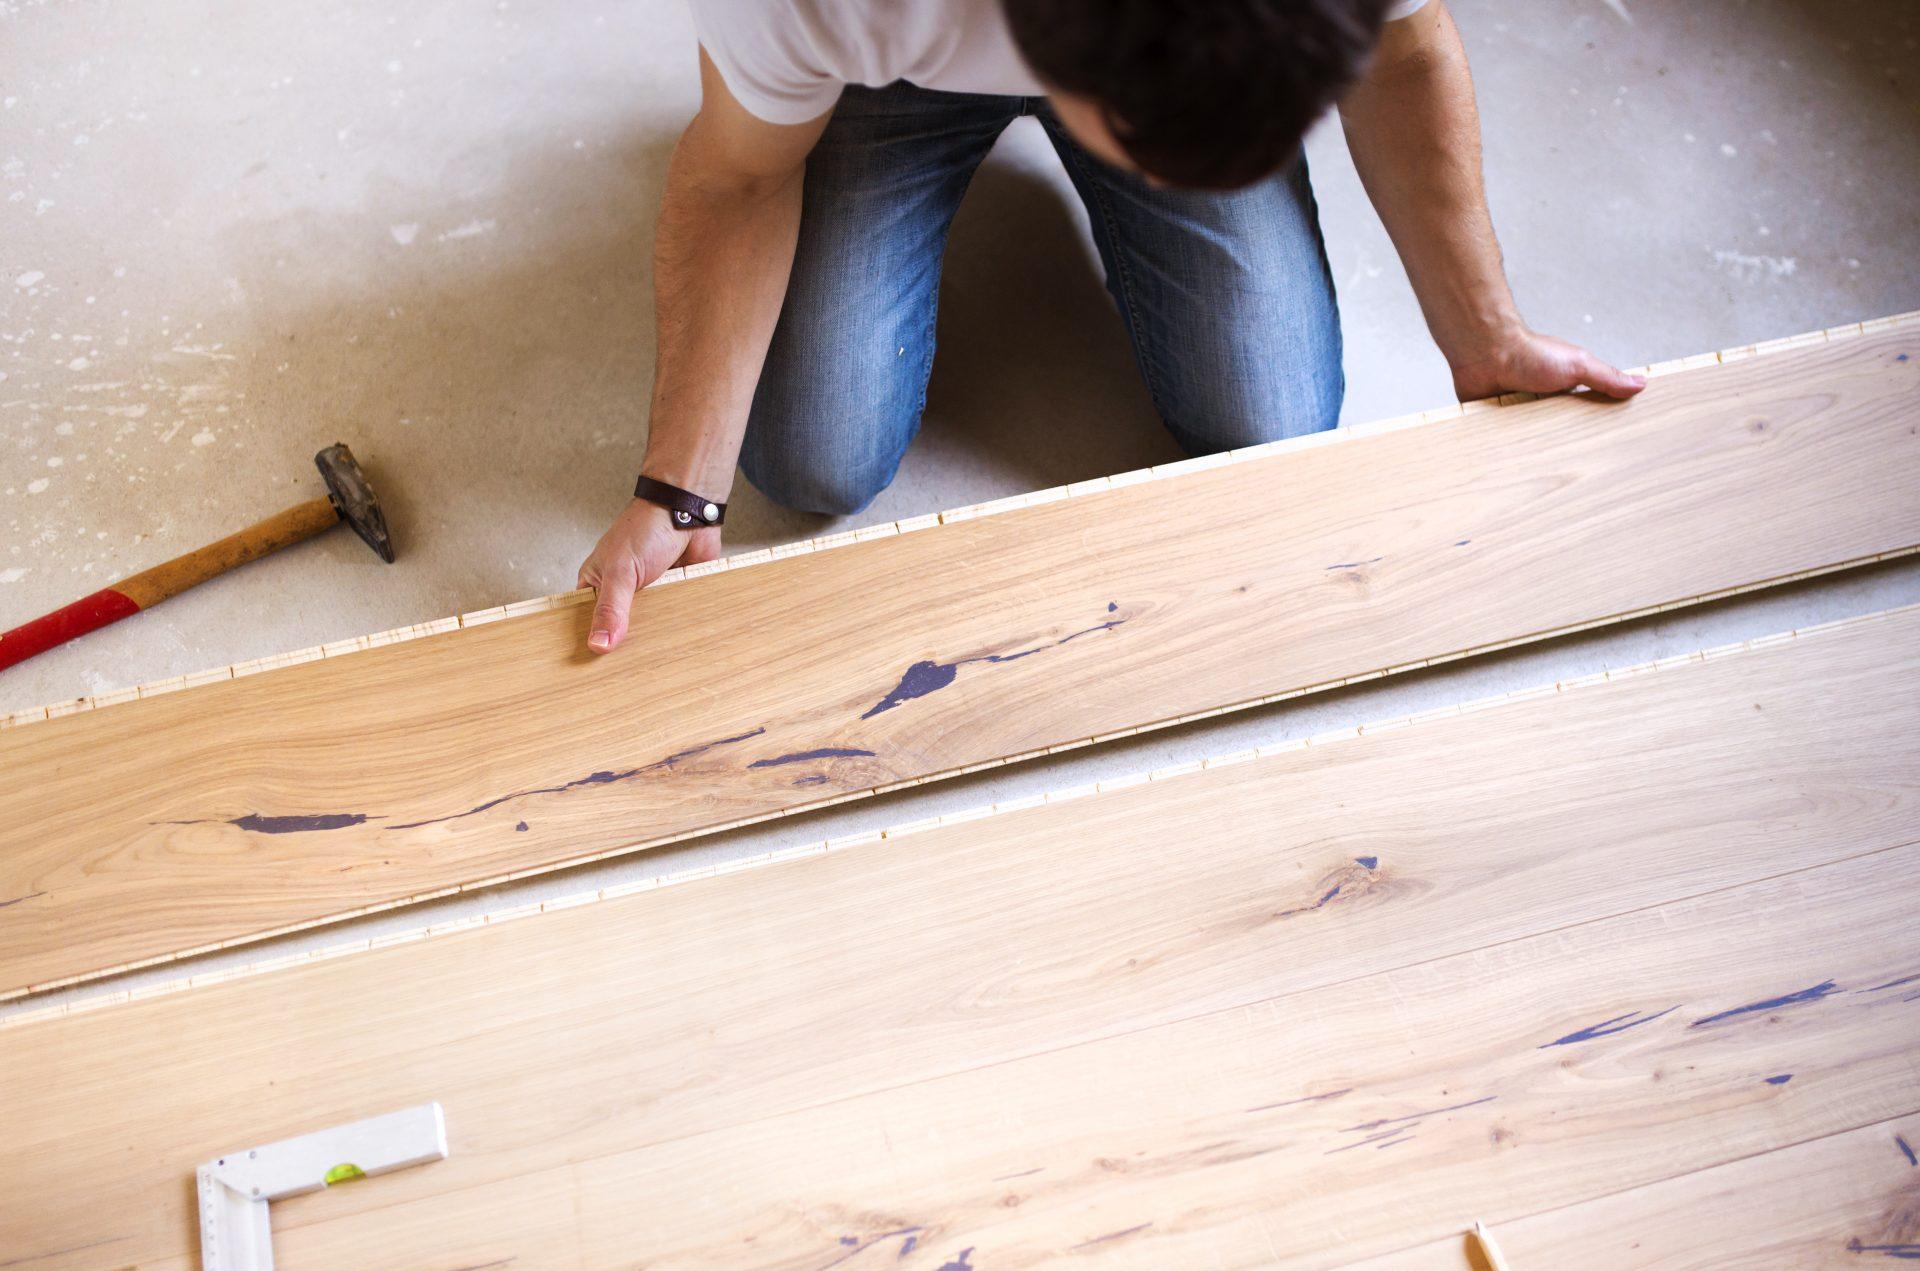 les artisans du parquet pose et r novation de planchers en bois. Black Bedroom Furniture Sets. Home Design Ideas